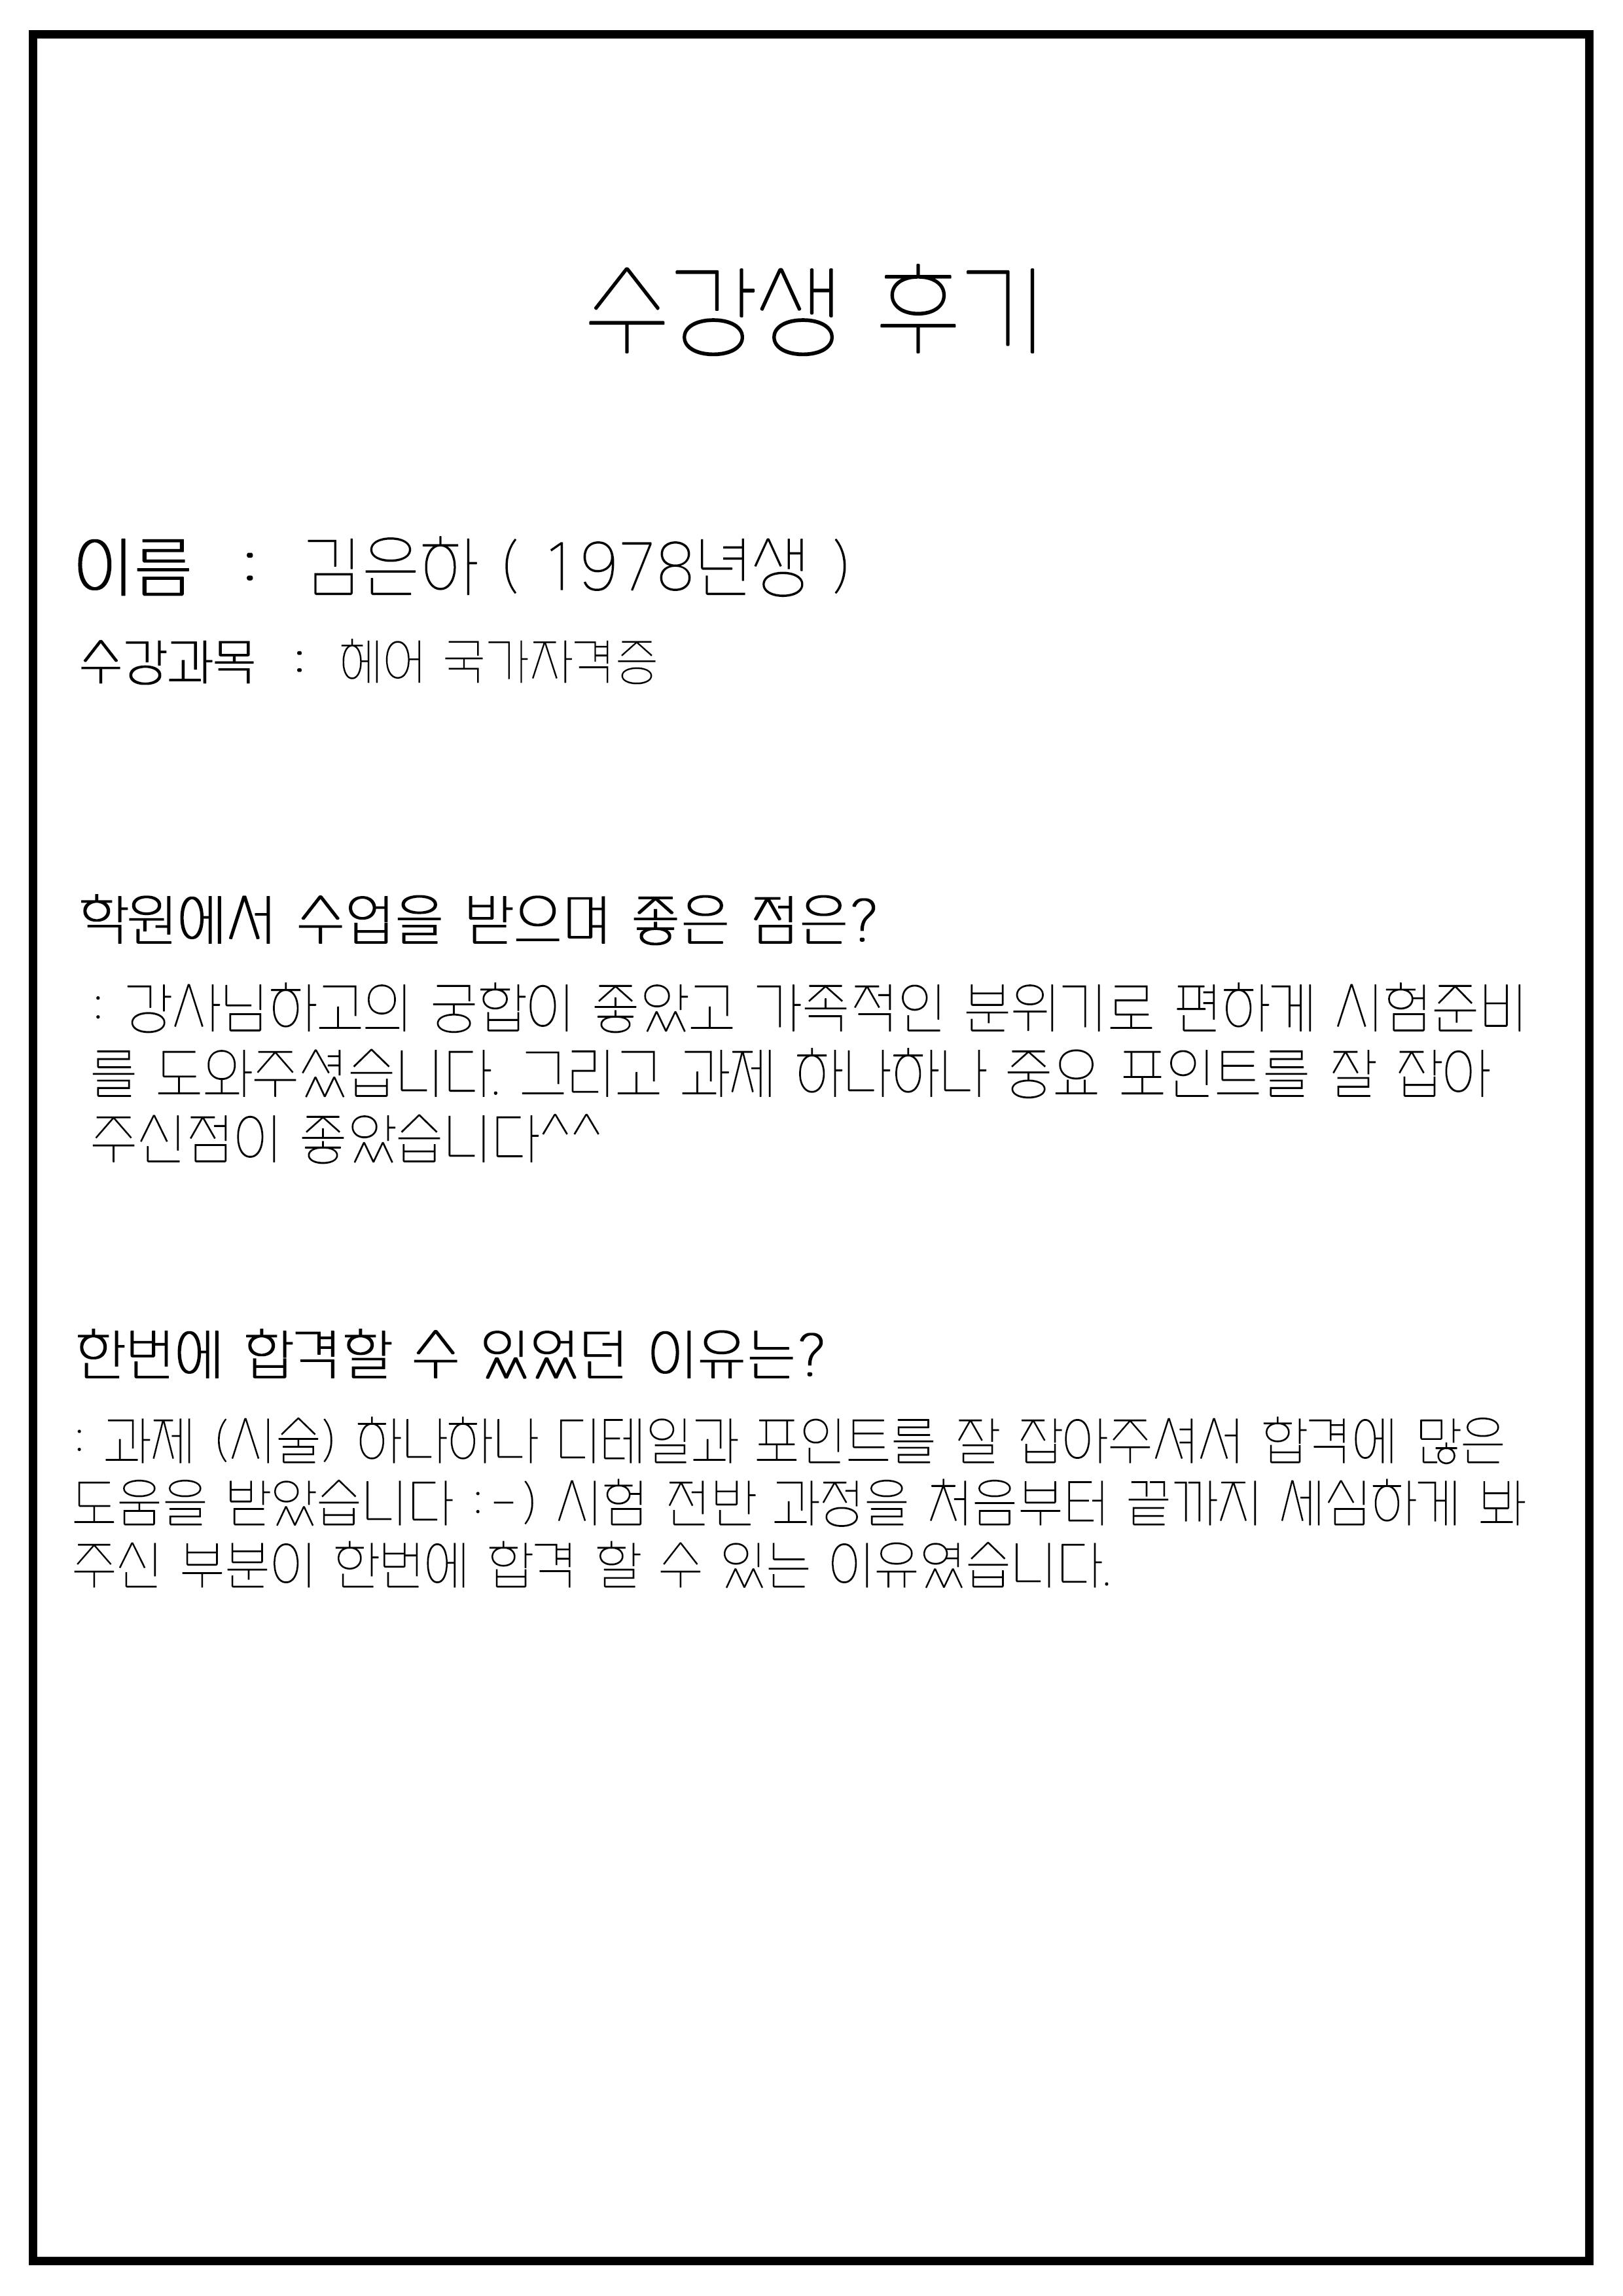 김은하 수강생 후기 (원패스).jpg